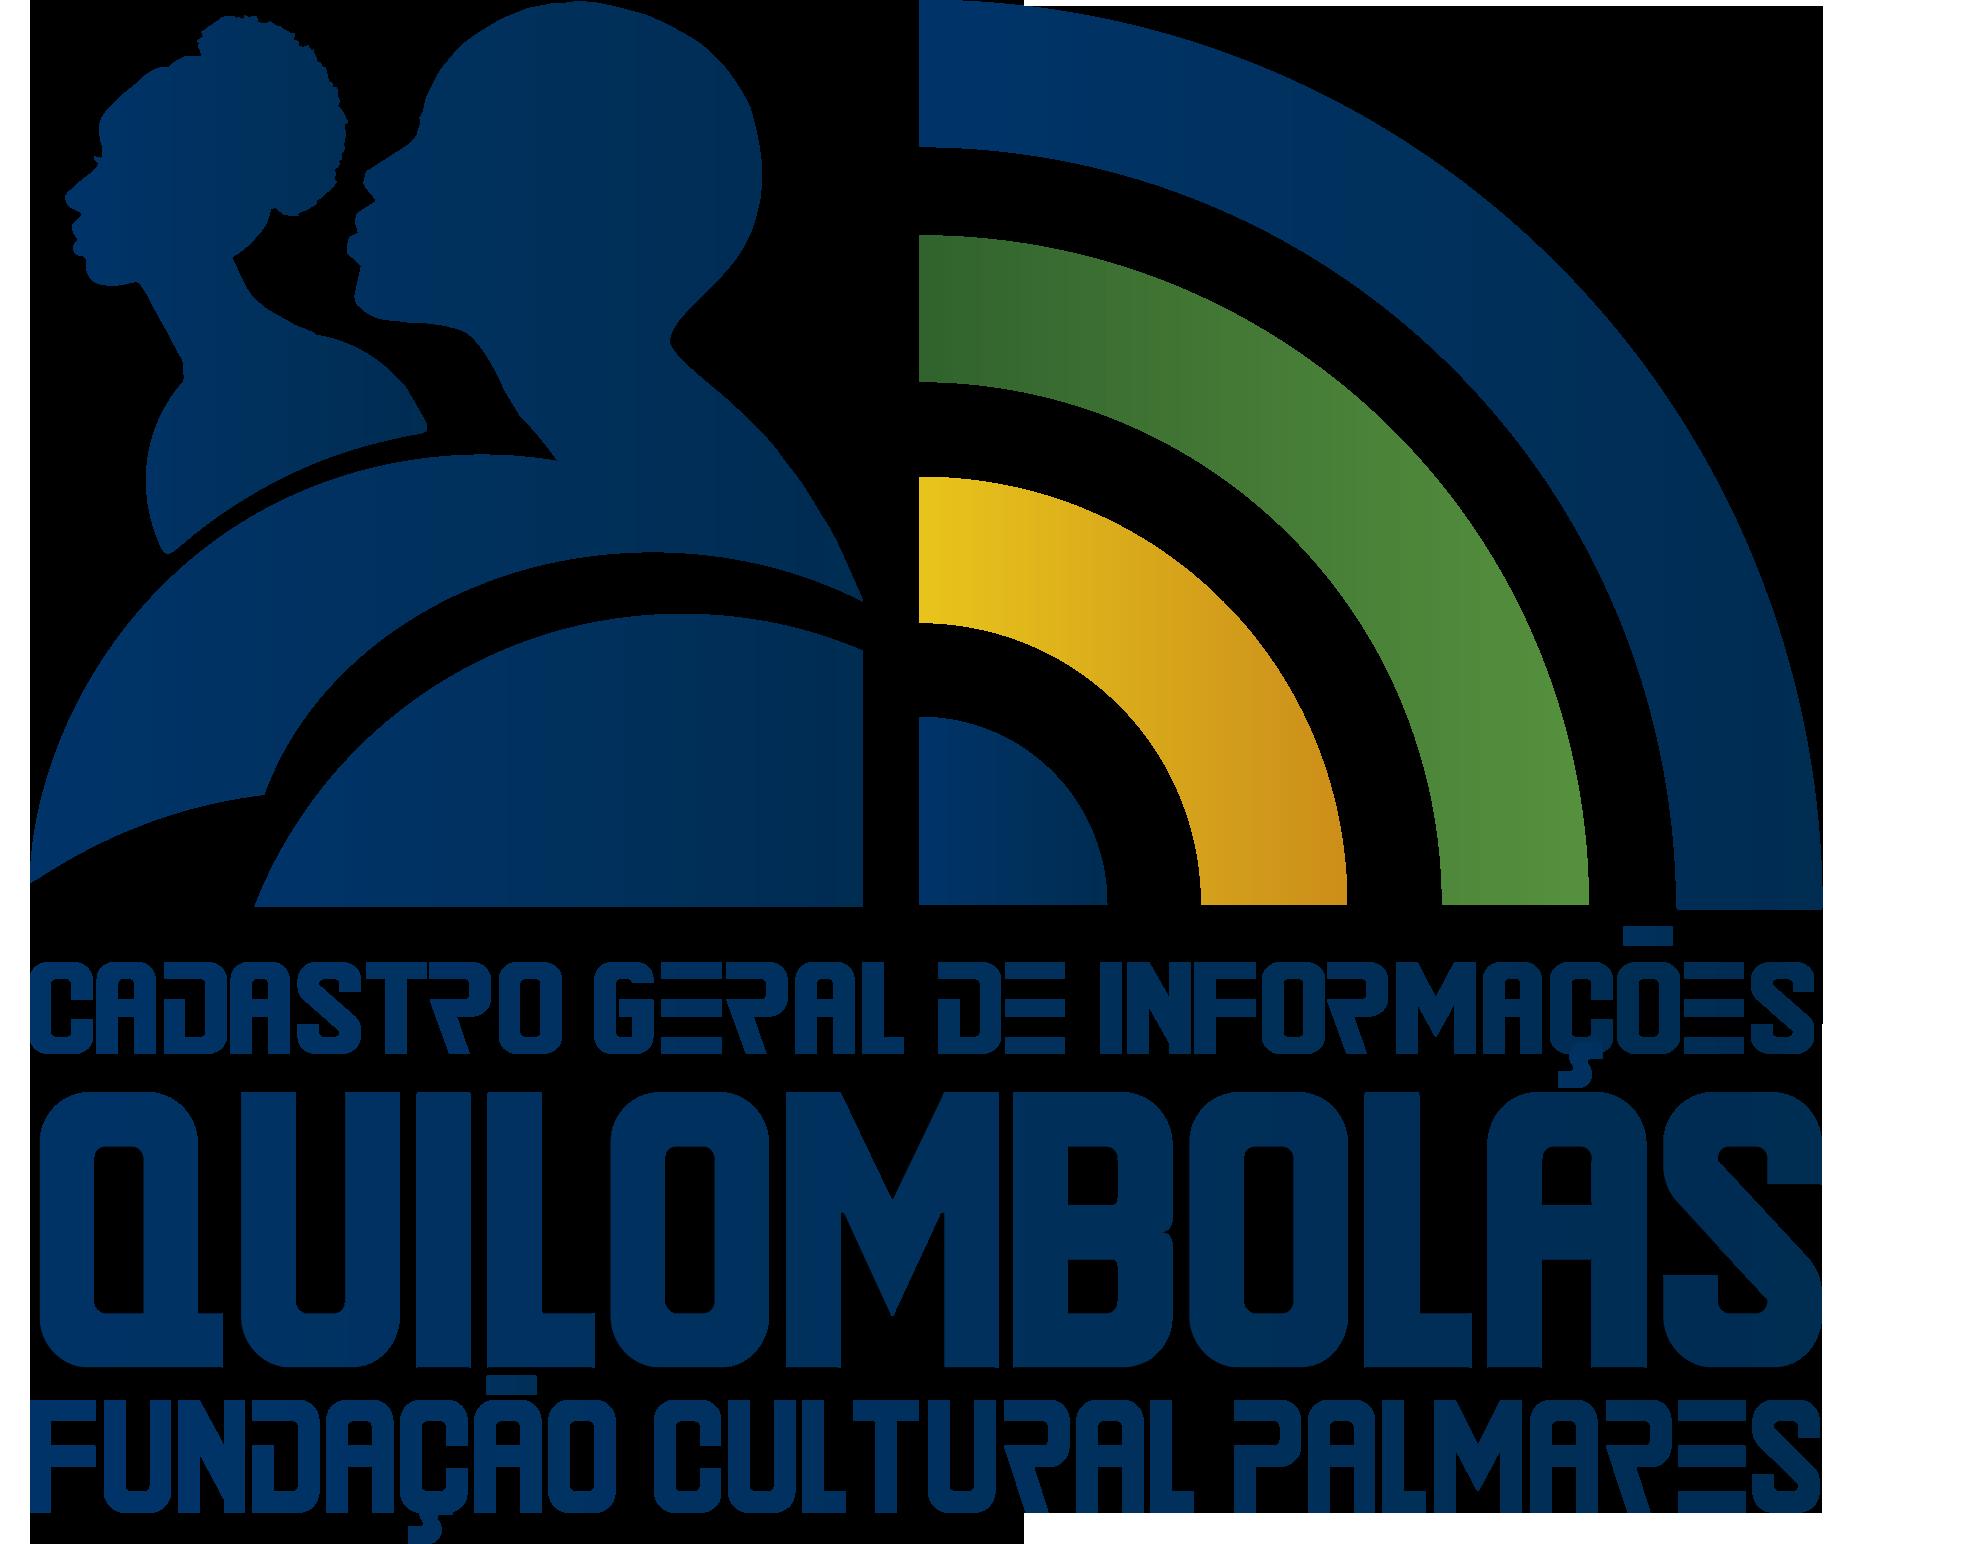 Cadastro Quilombola